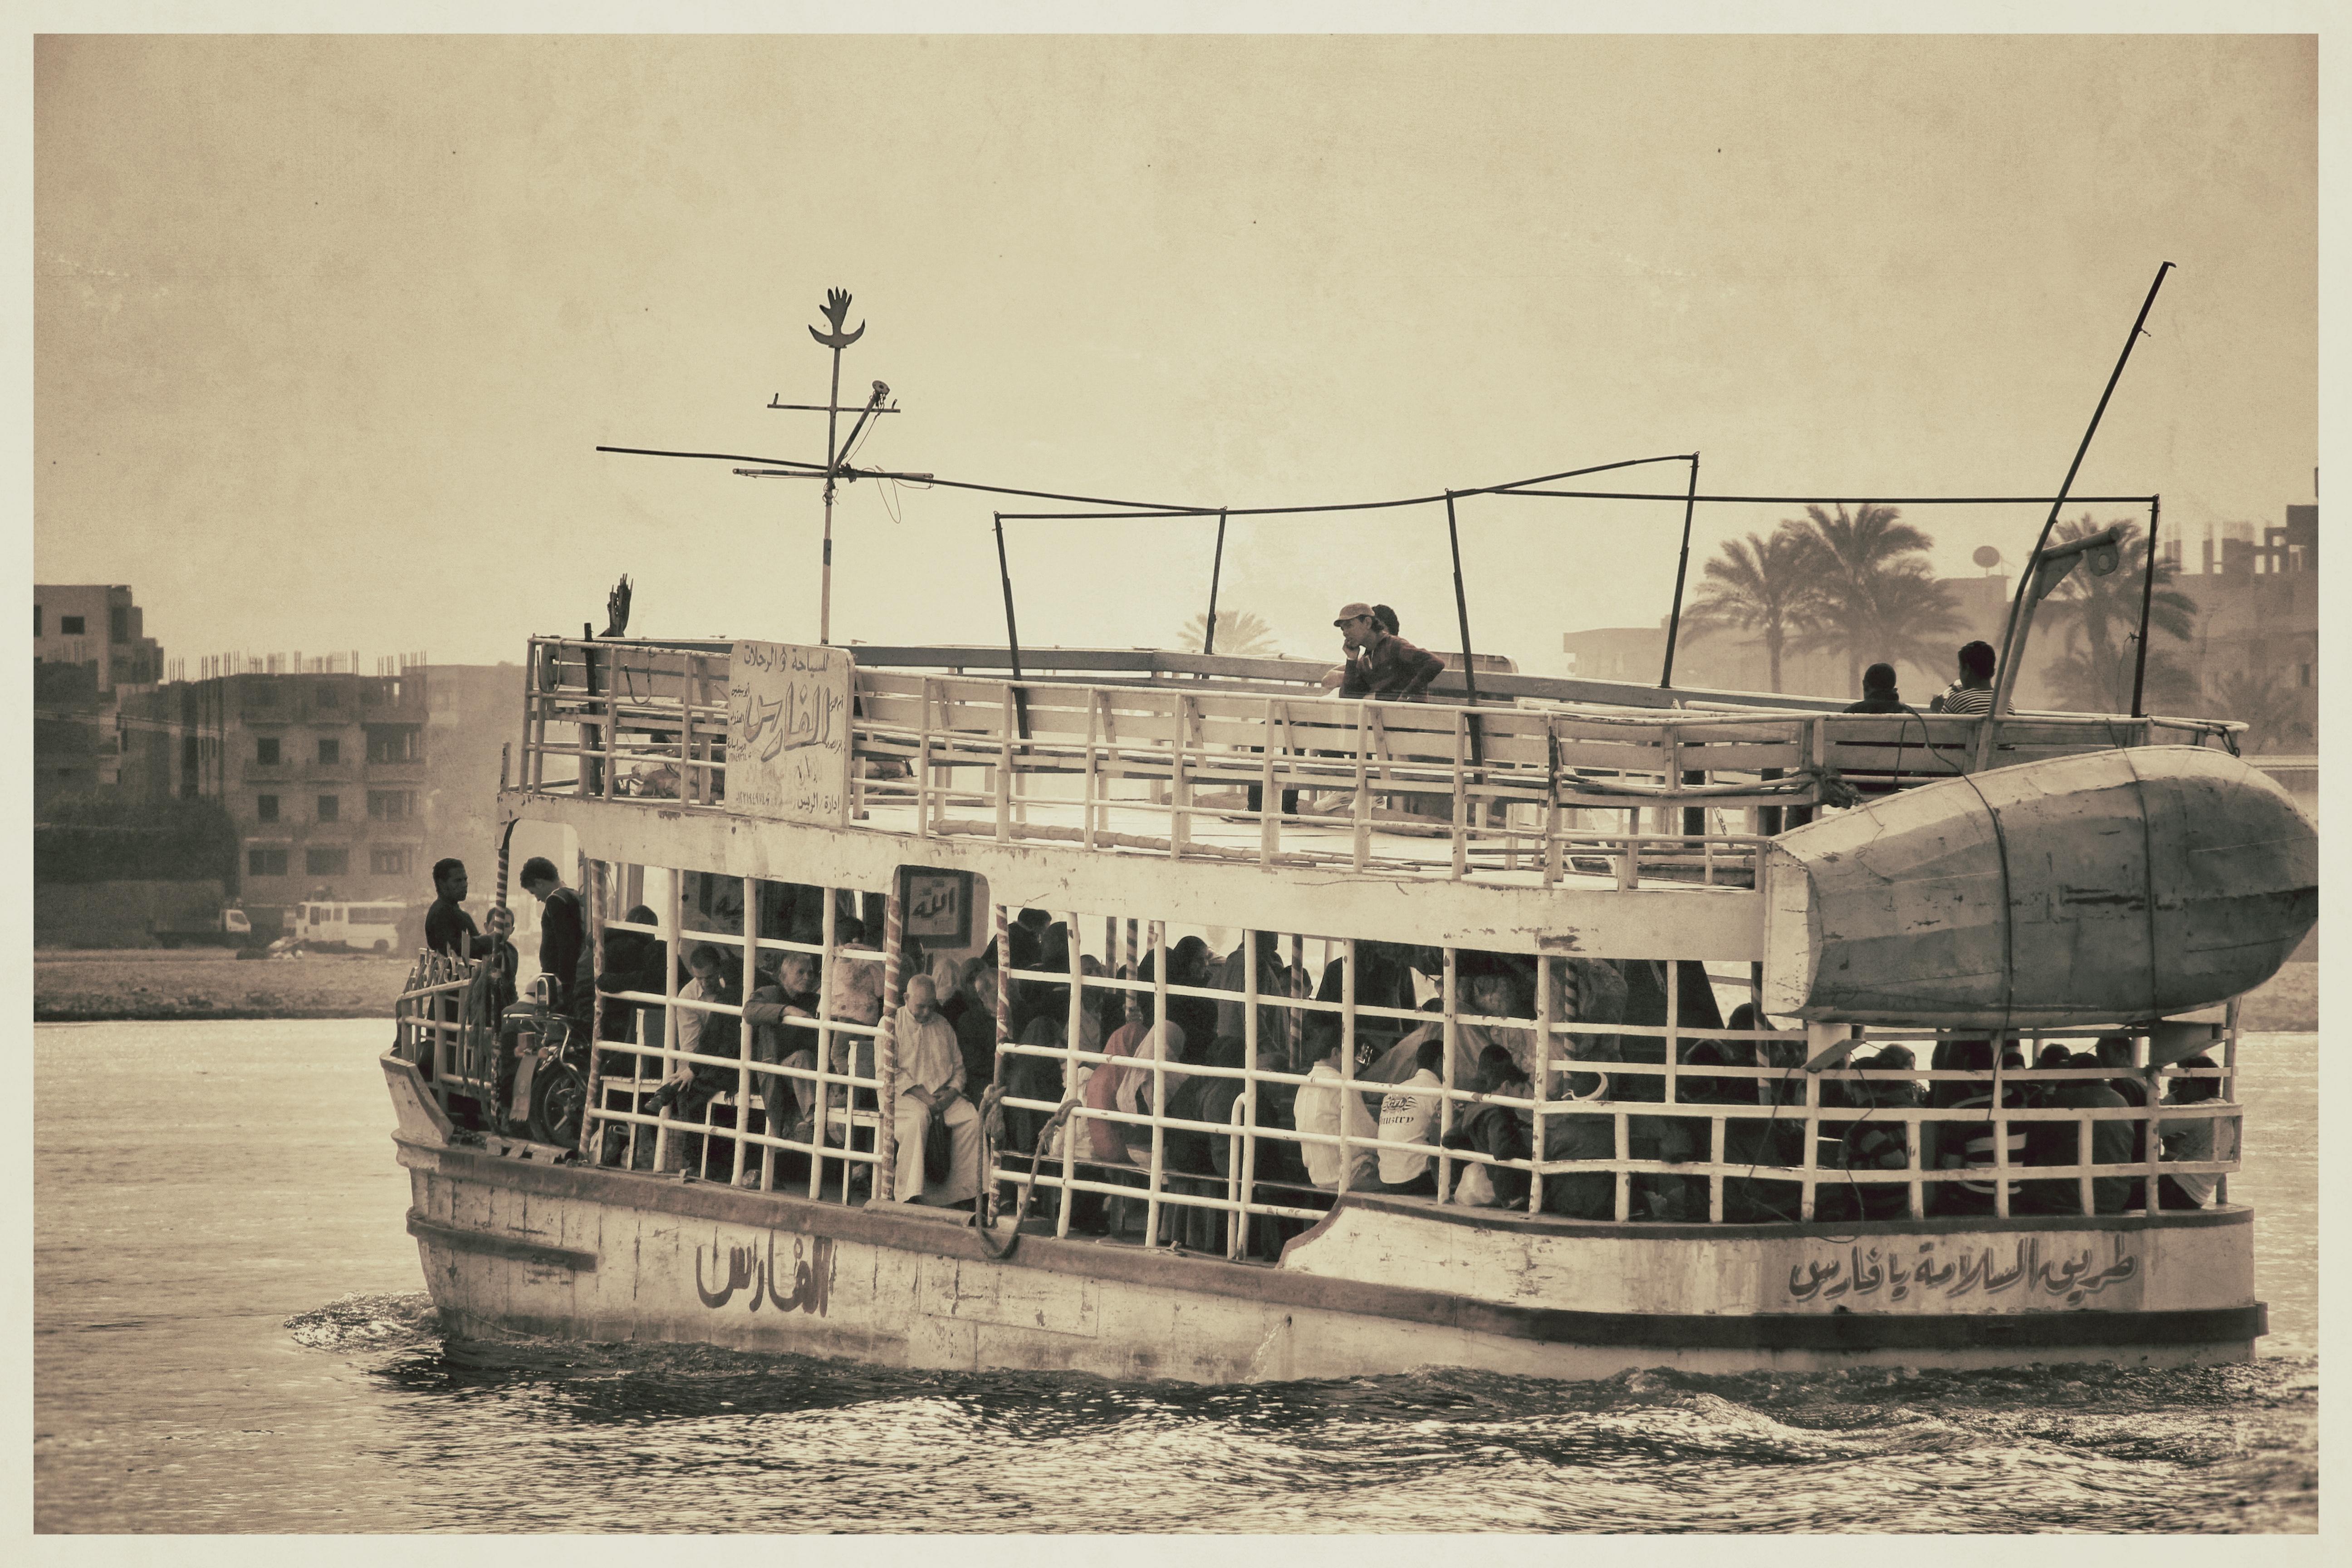 Faris On The Nile